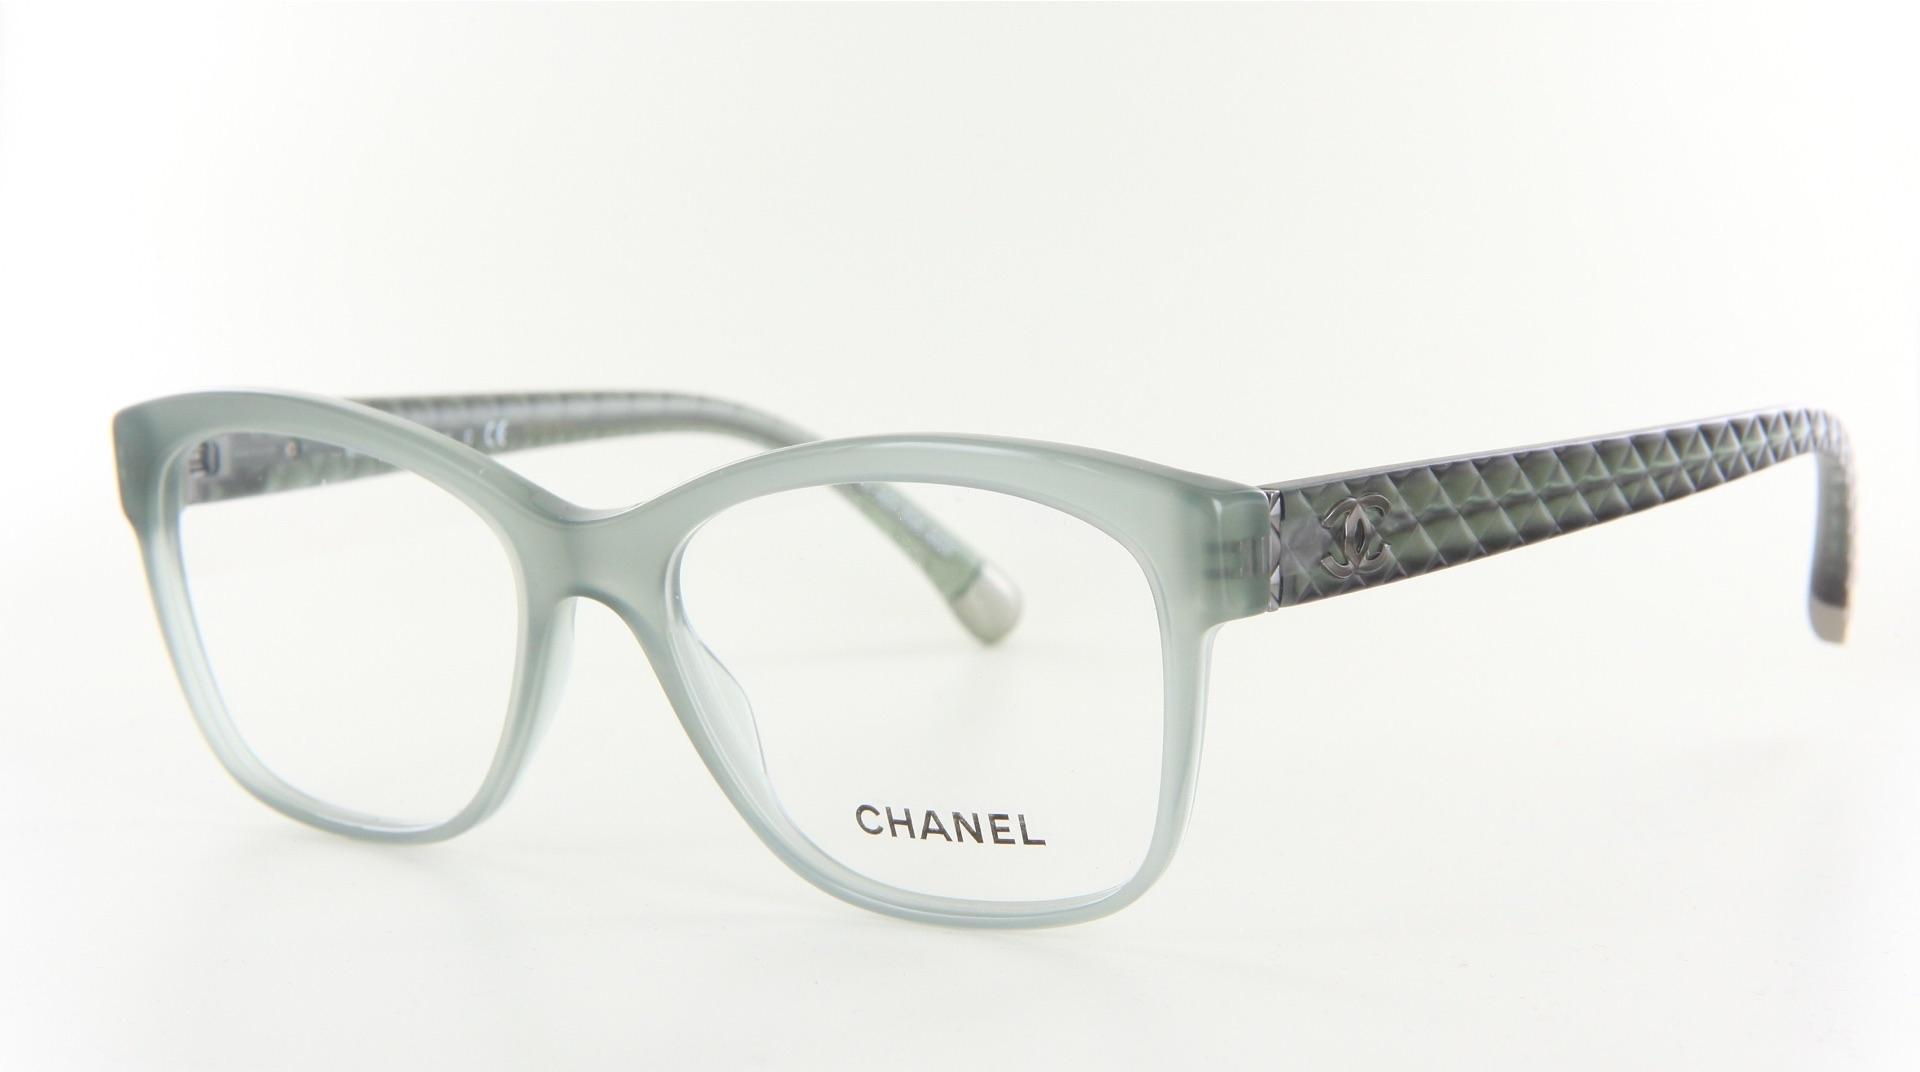 Chanel - ref: 73985